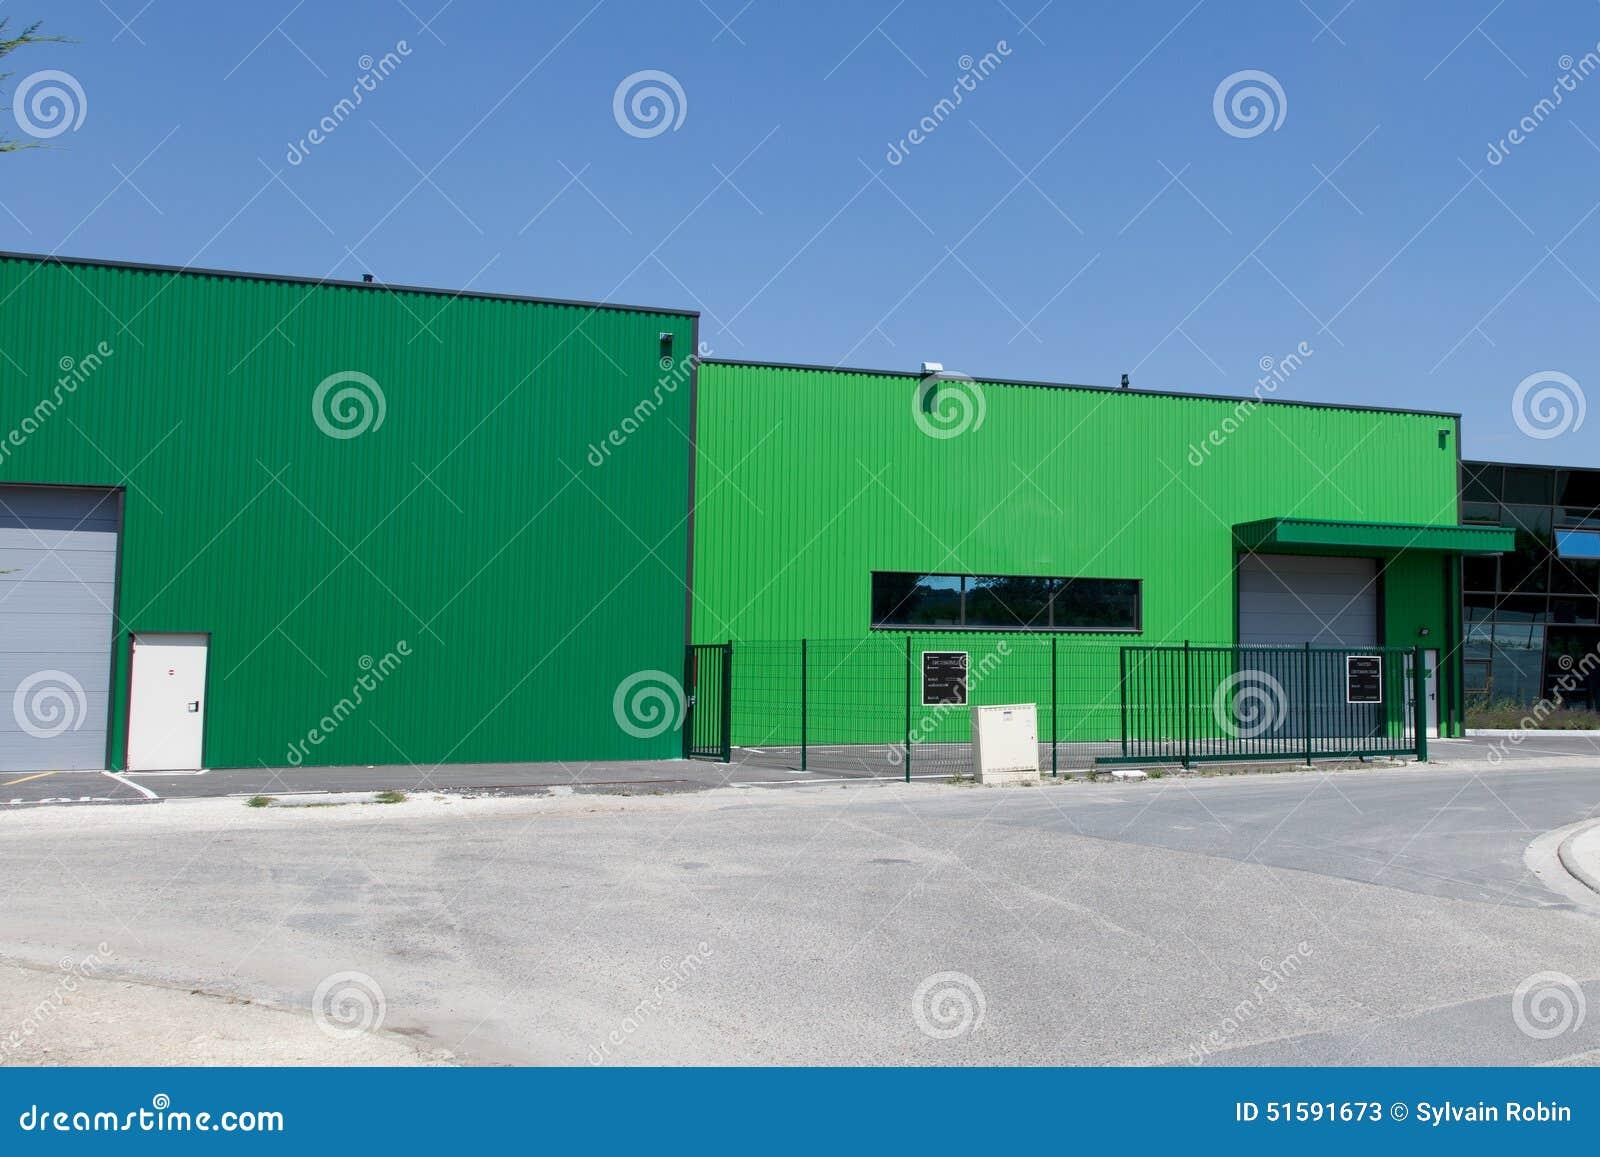 une couleur moderne industrielle de bâtiment image stock - image du